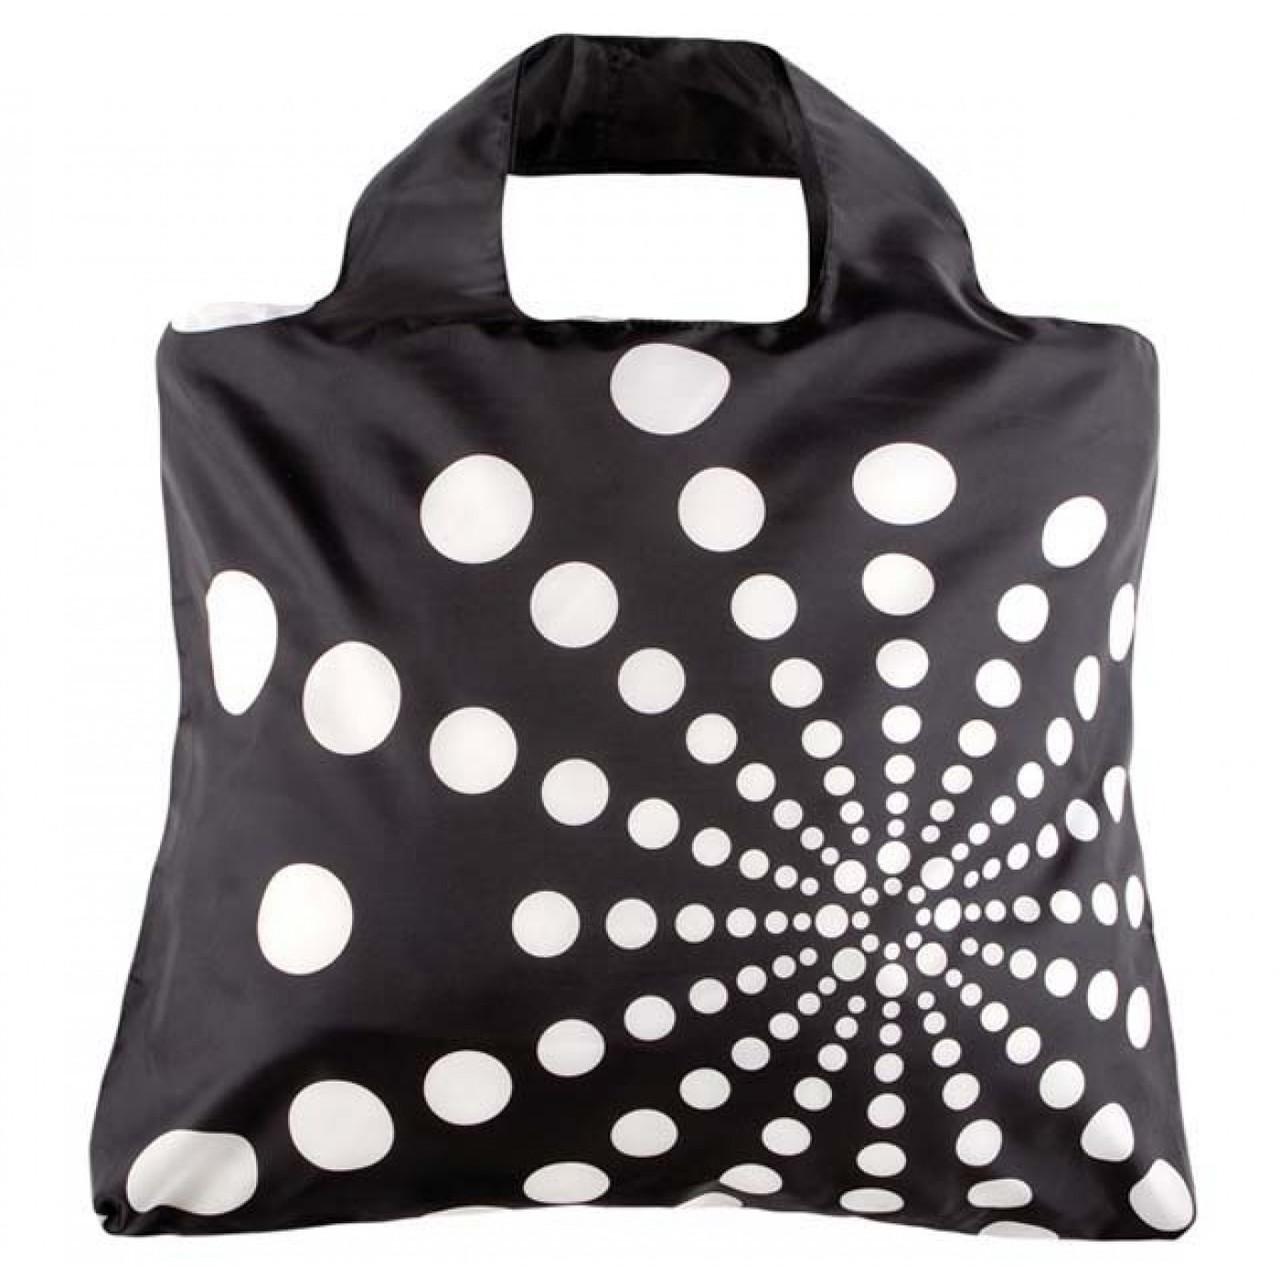 Cумка шоппер Envirosax тканевая женская модная авоська MC.B1 сумки женские